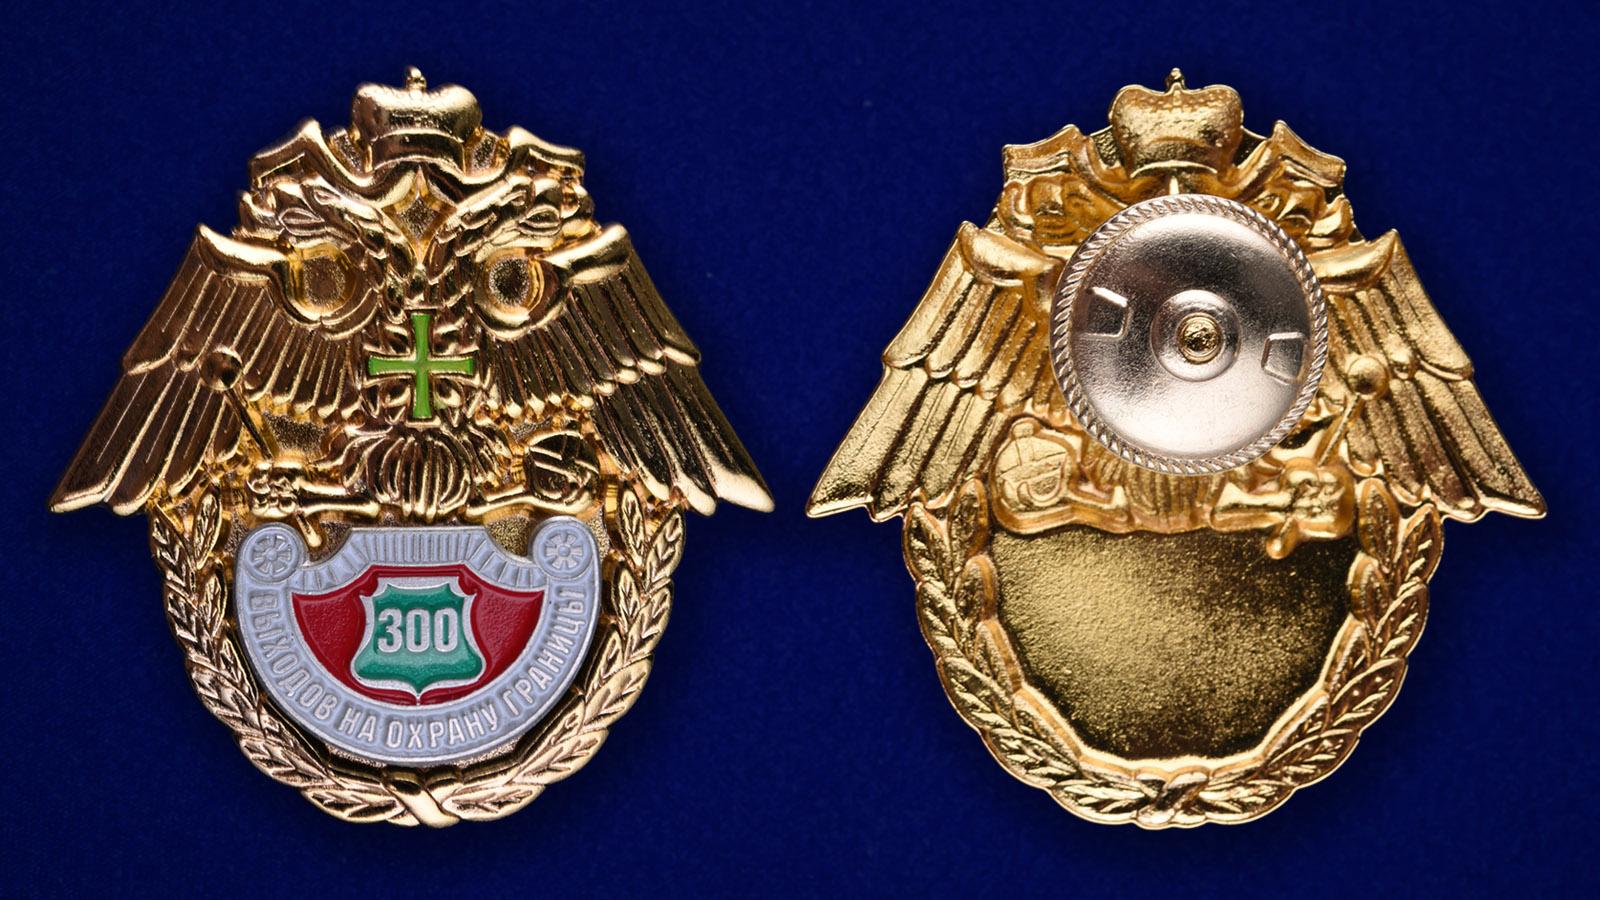 Знак ФПС России 300 выходов на охрану границы в бархатном футляре - Аверс и реверс